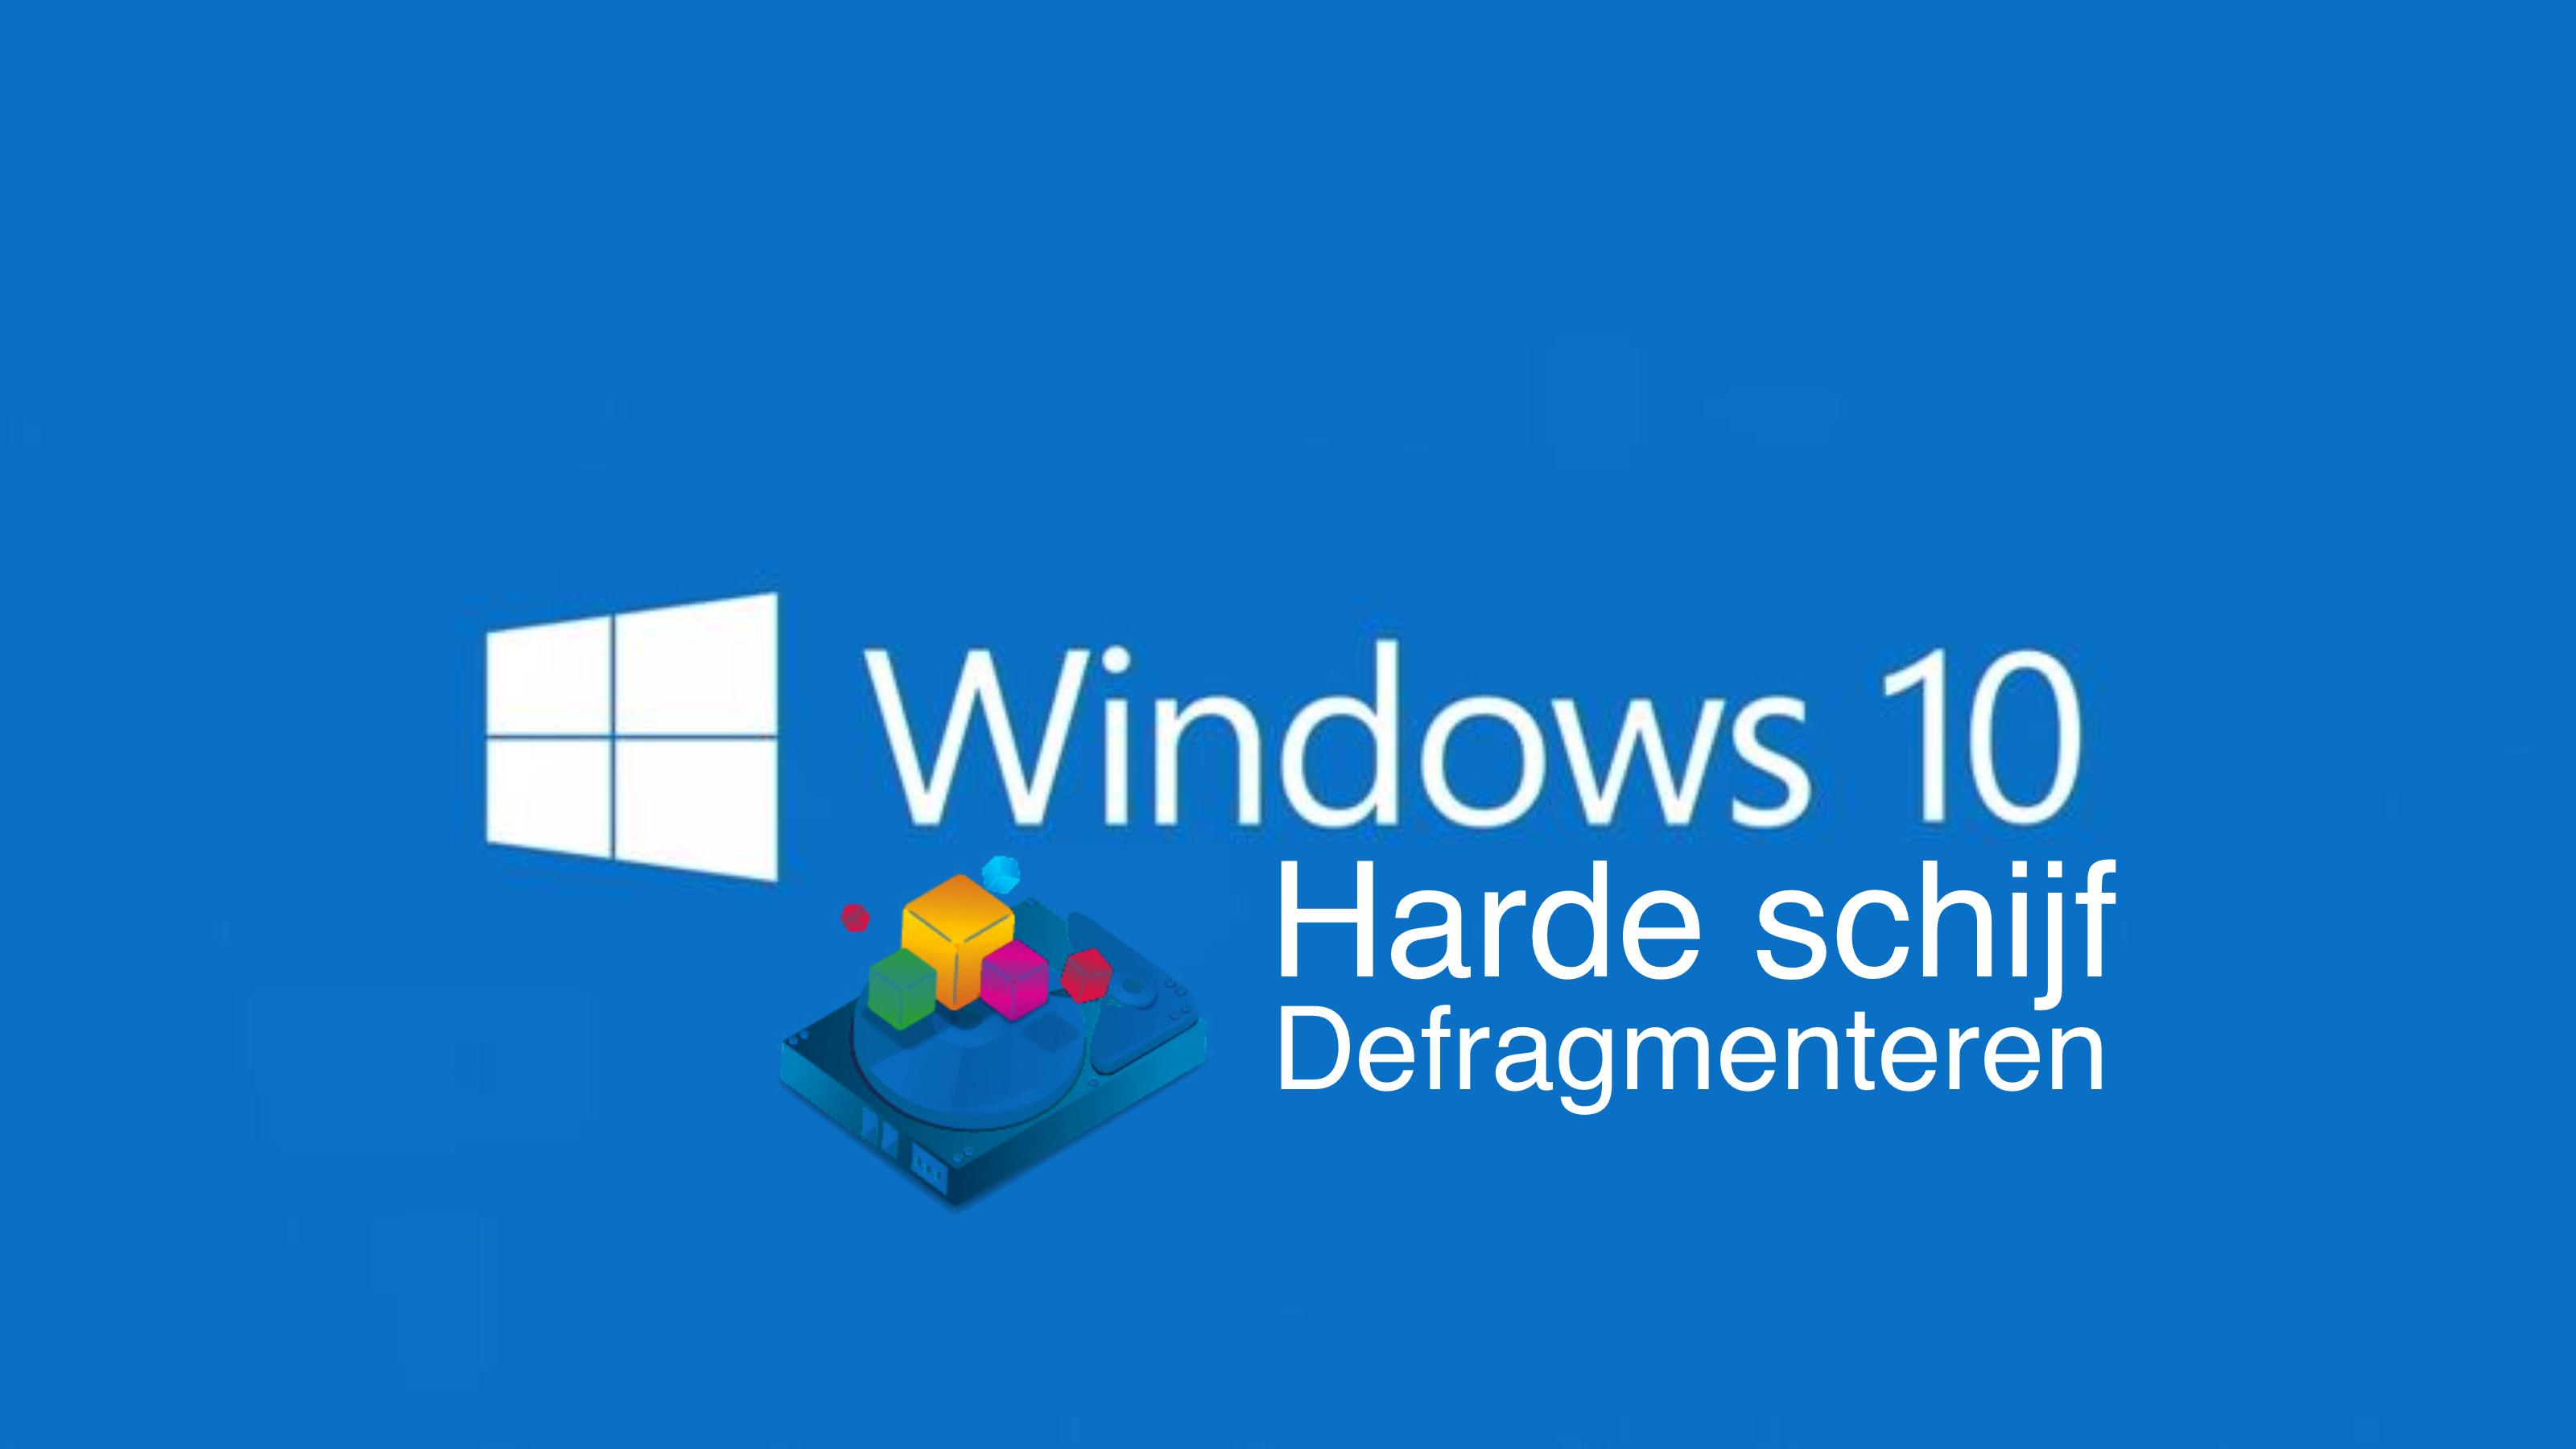 windows 10 hardeschijf defragmenteren